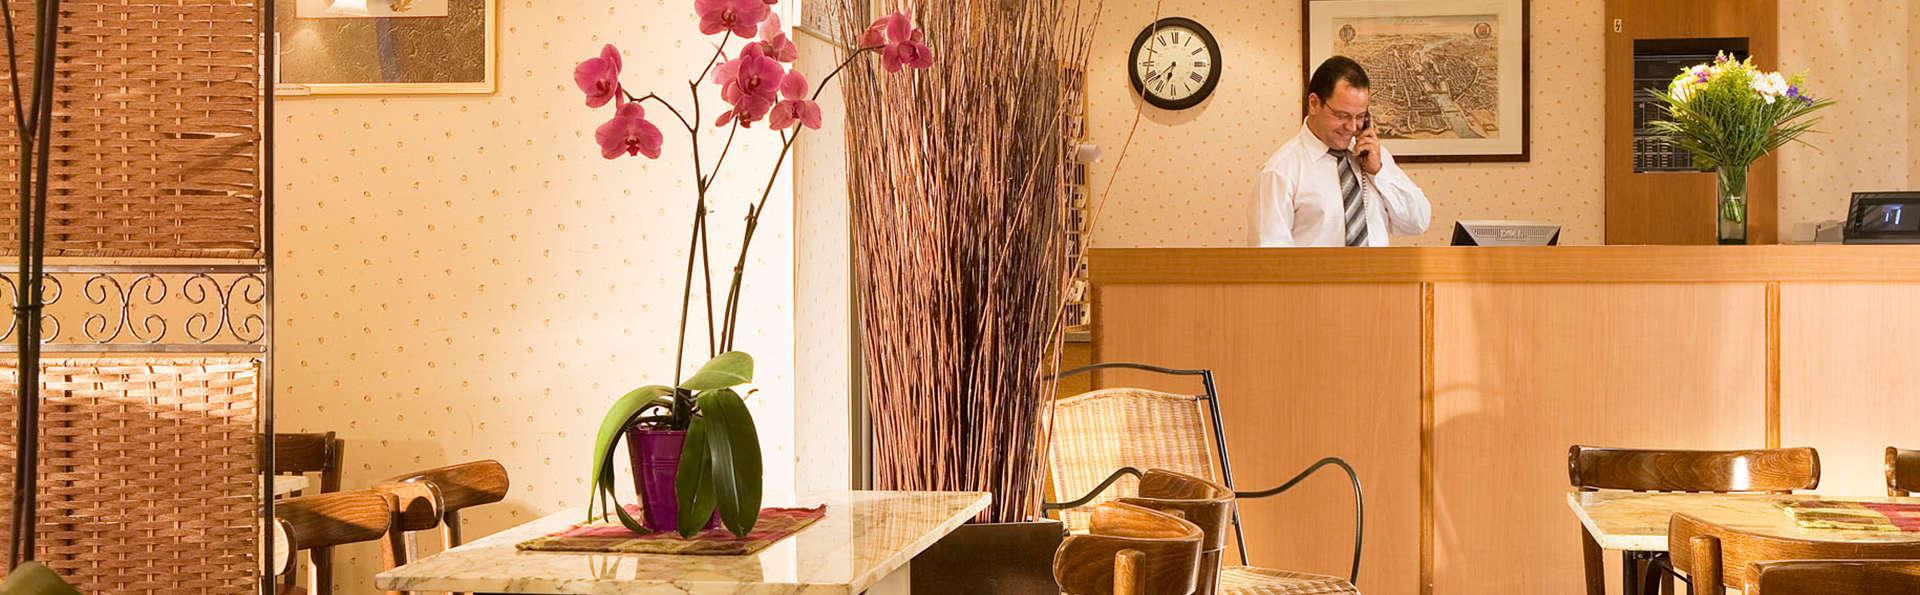 Timhotel Montmartre - EDIT_lobby.jpg